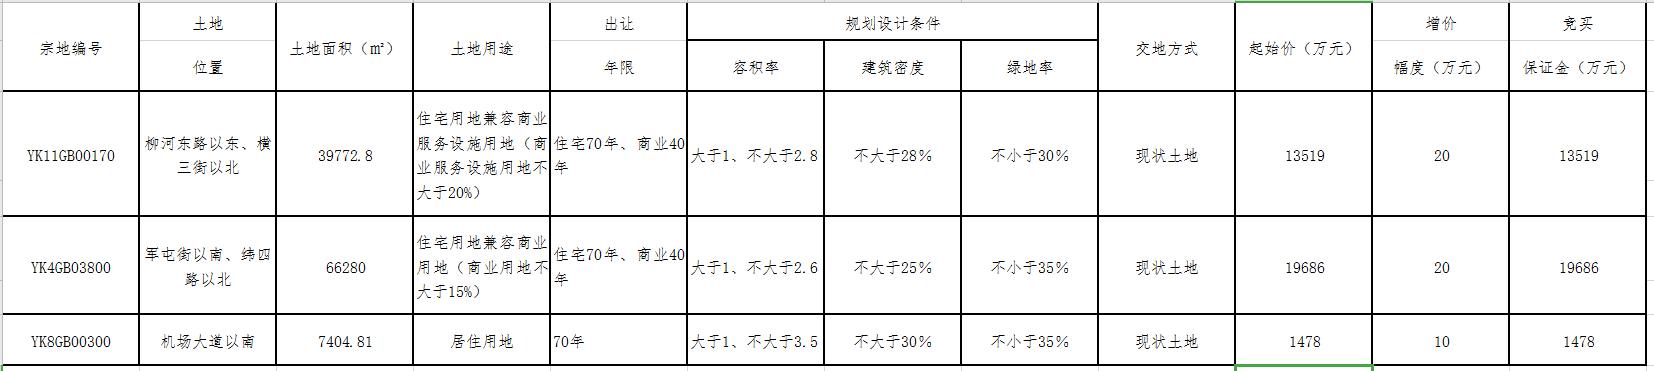 运城房产动态(8.16-8.23)